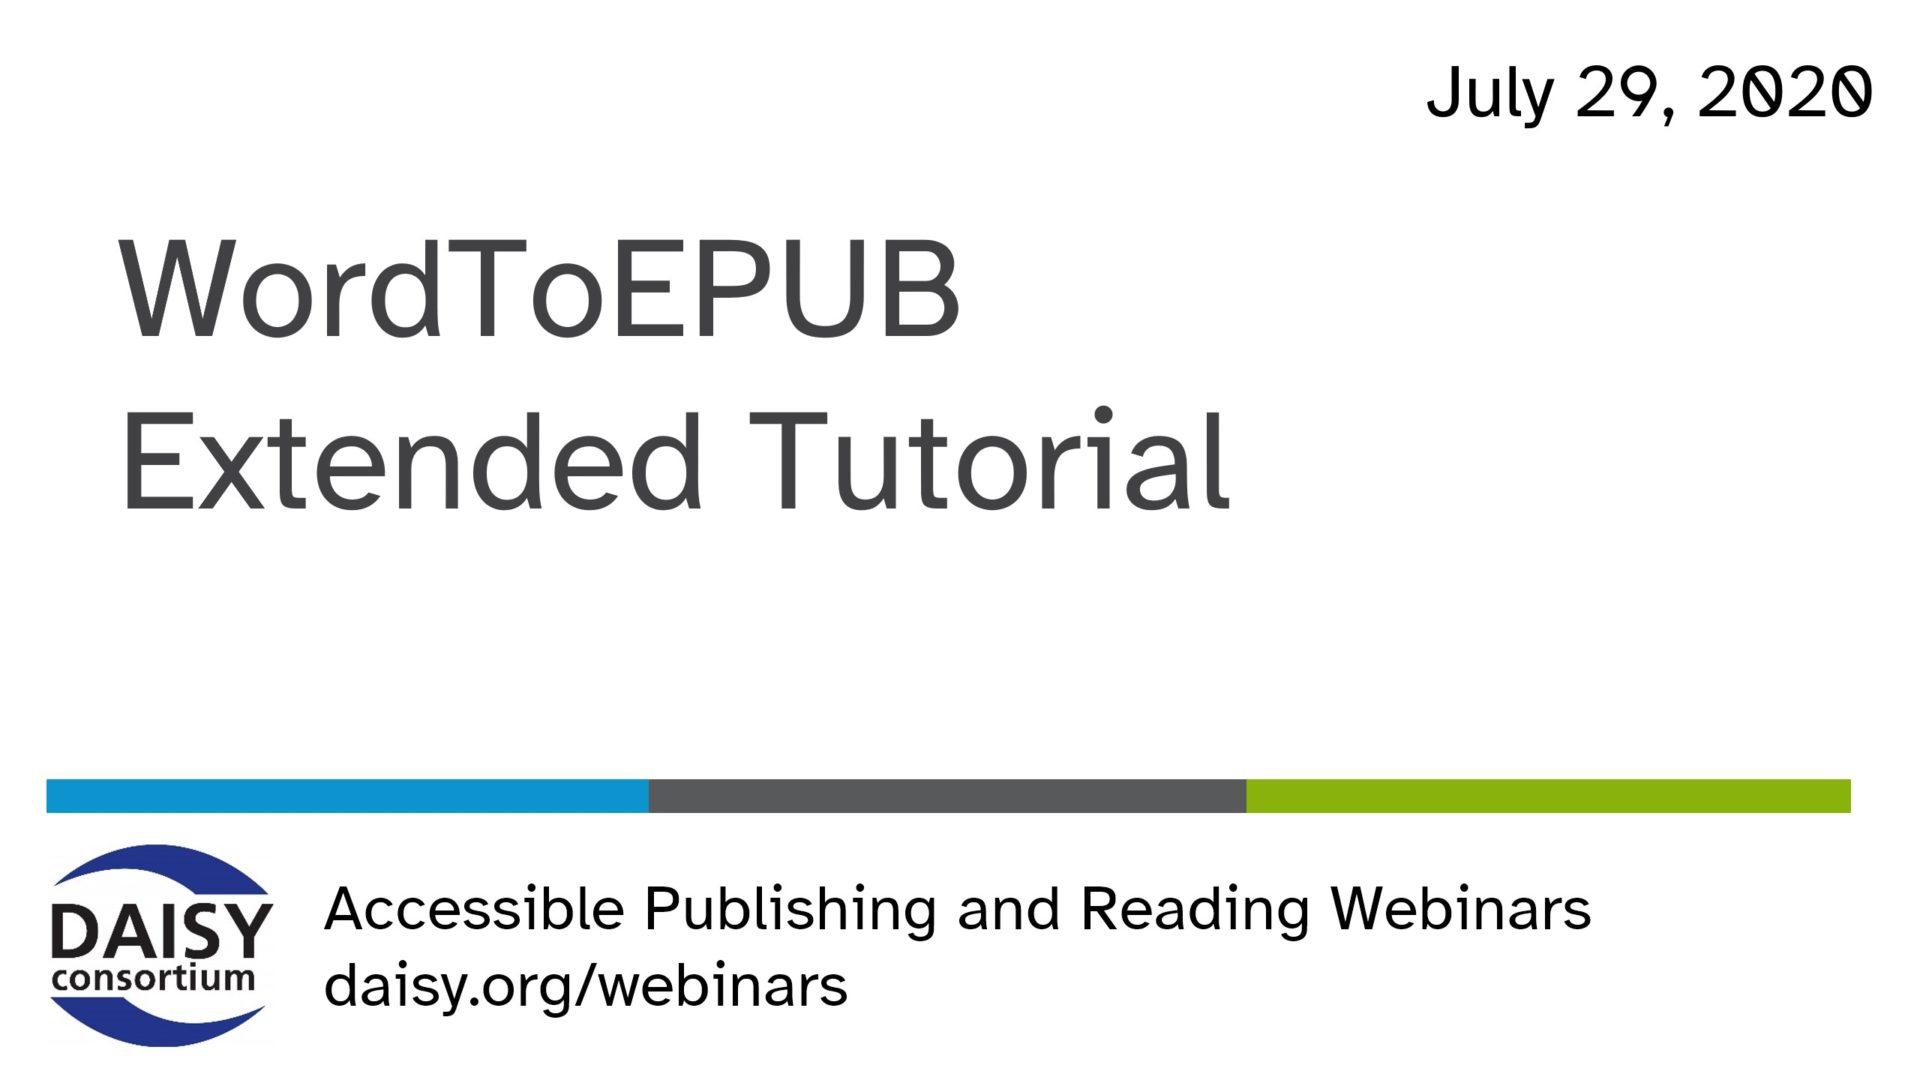 WordToEPUB Extended Tutorial opening slide